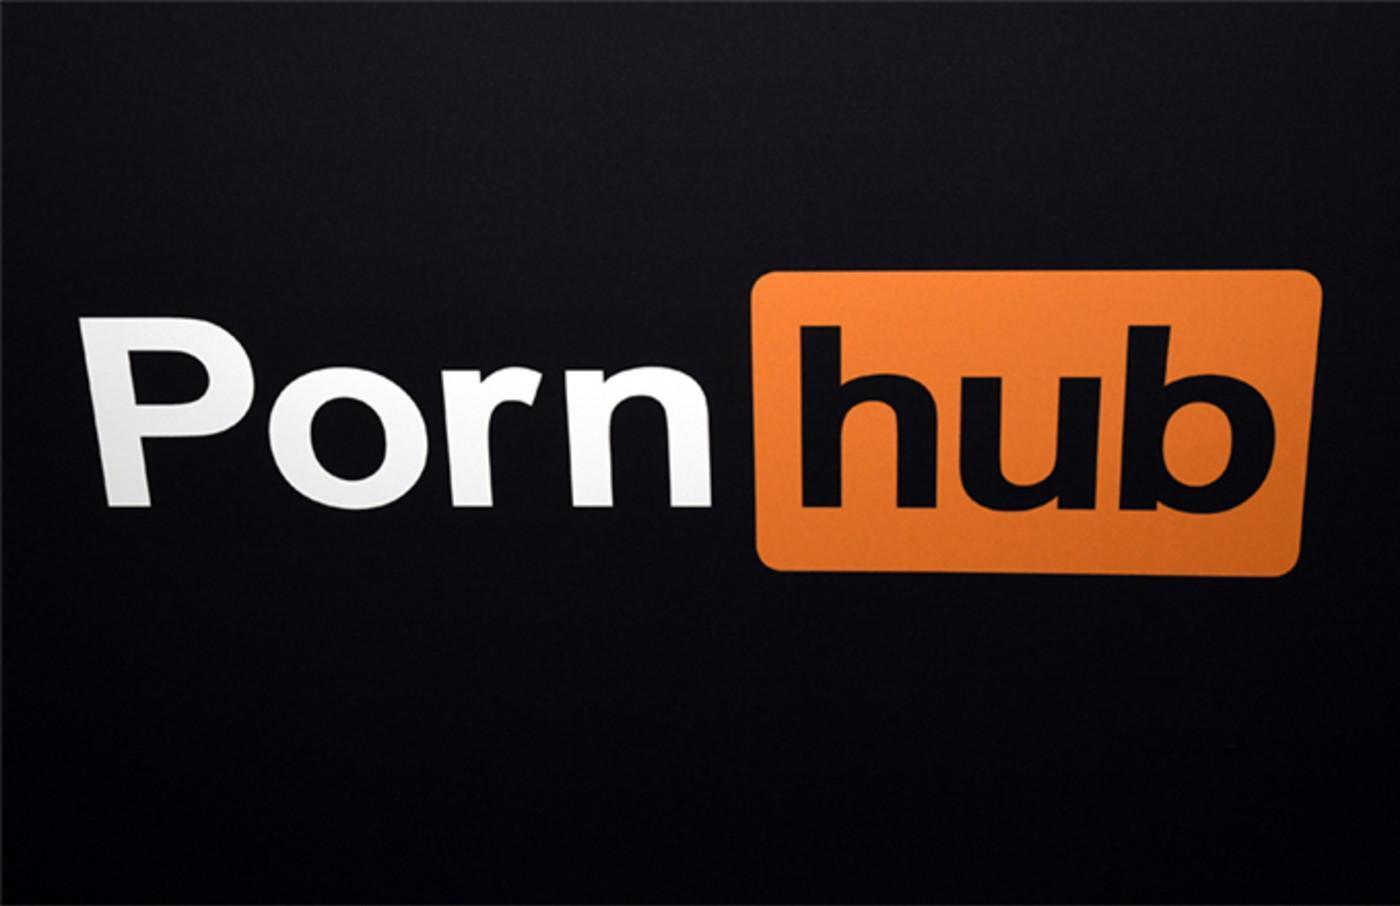 porn-hub-logo-getty